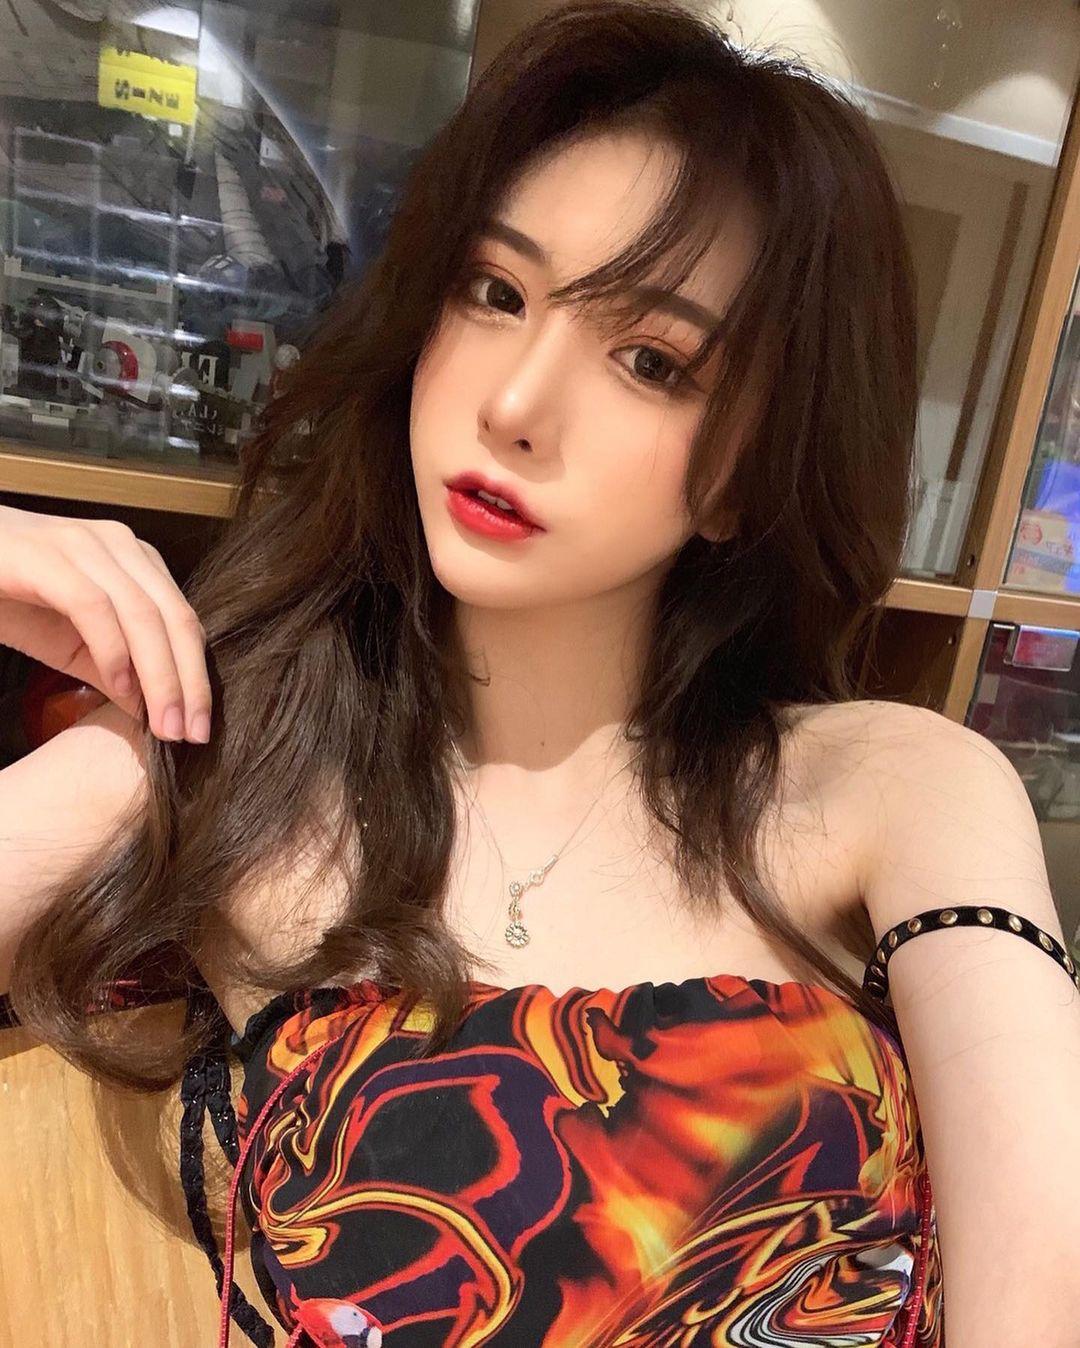 """Nàng giám đốc Đài Loan chuyên mặc kiểu đồ """"trắc nết"""", hở vẫn được khen thời thượng - hình ảnh 12"""